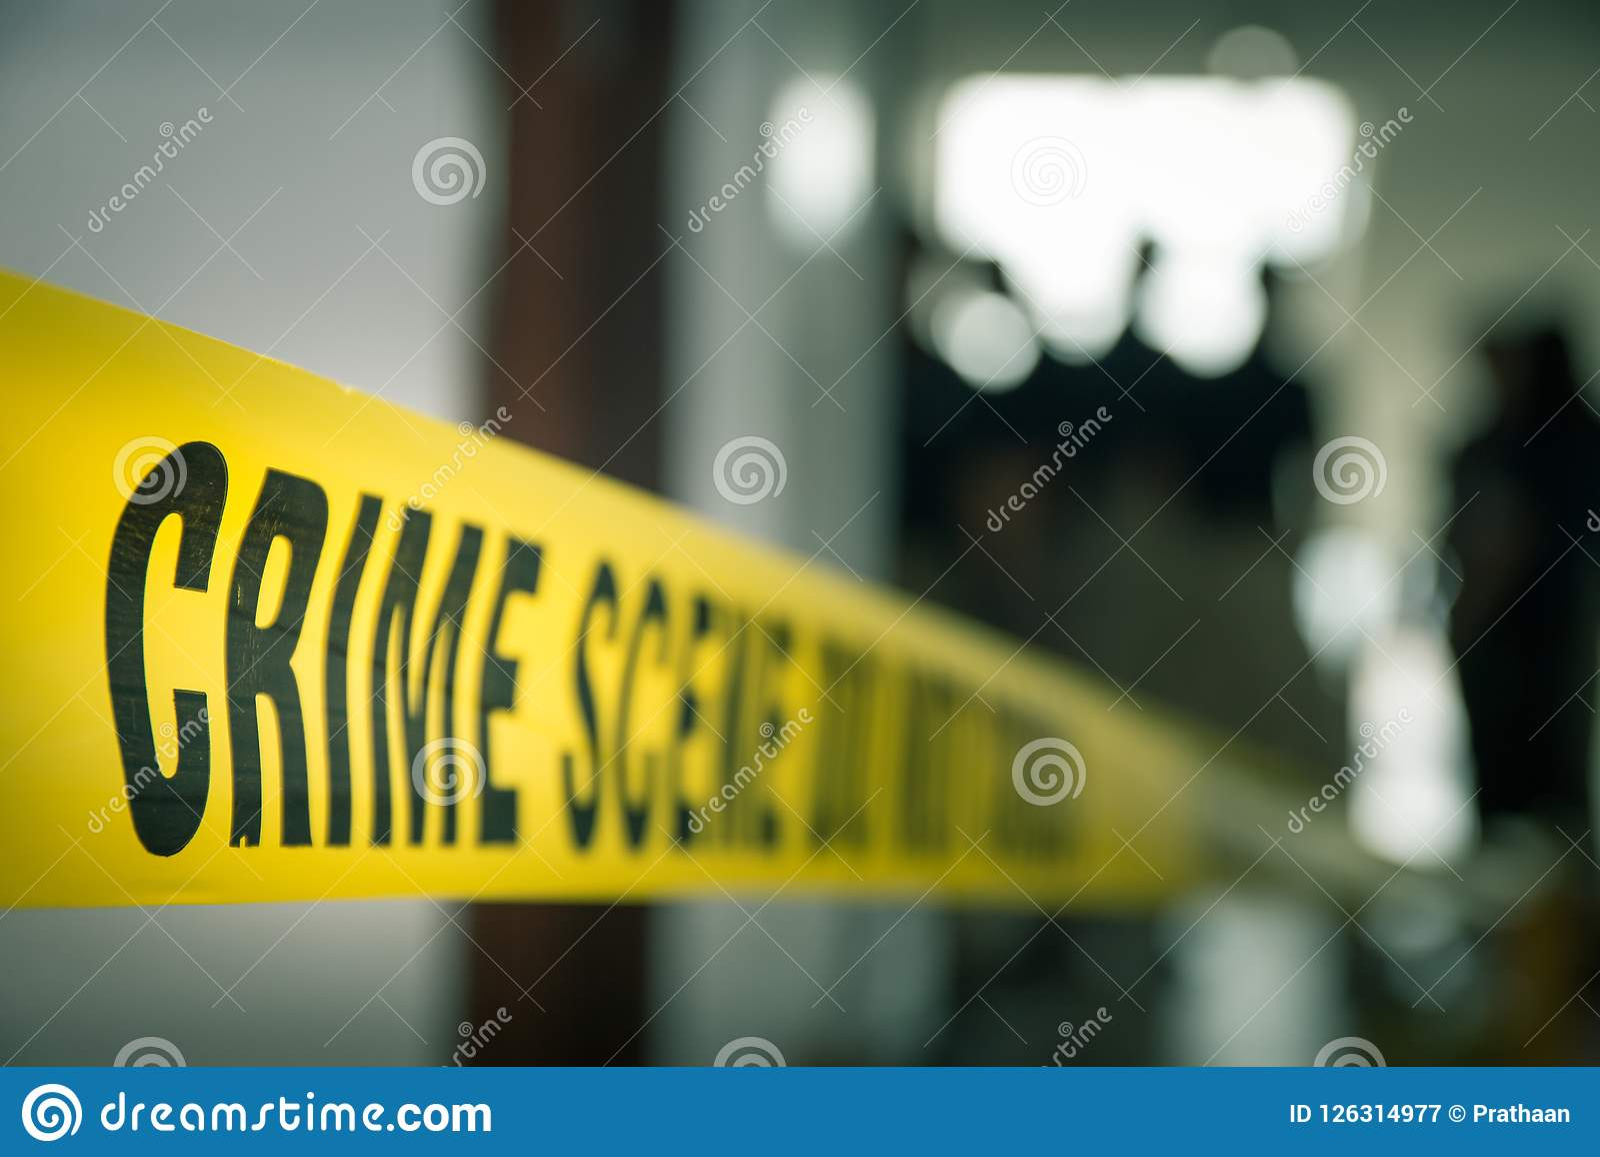 Concetto di crimine dalla linea di polizia nastro con il enfo legale vago di legge